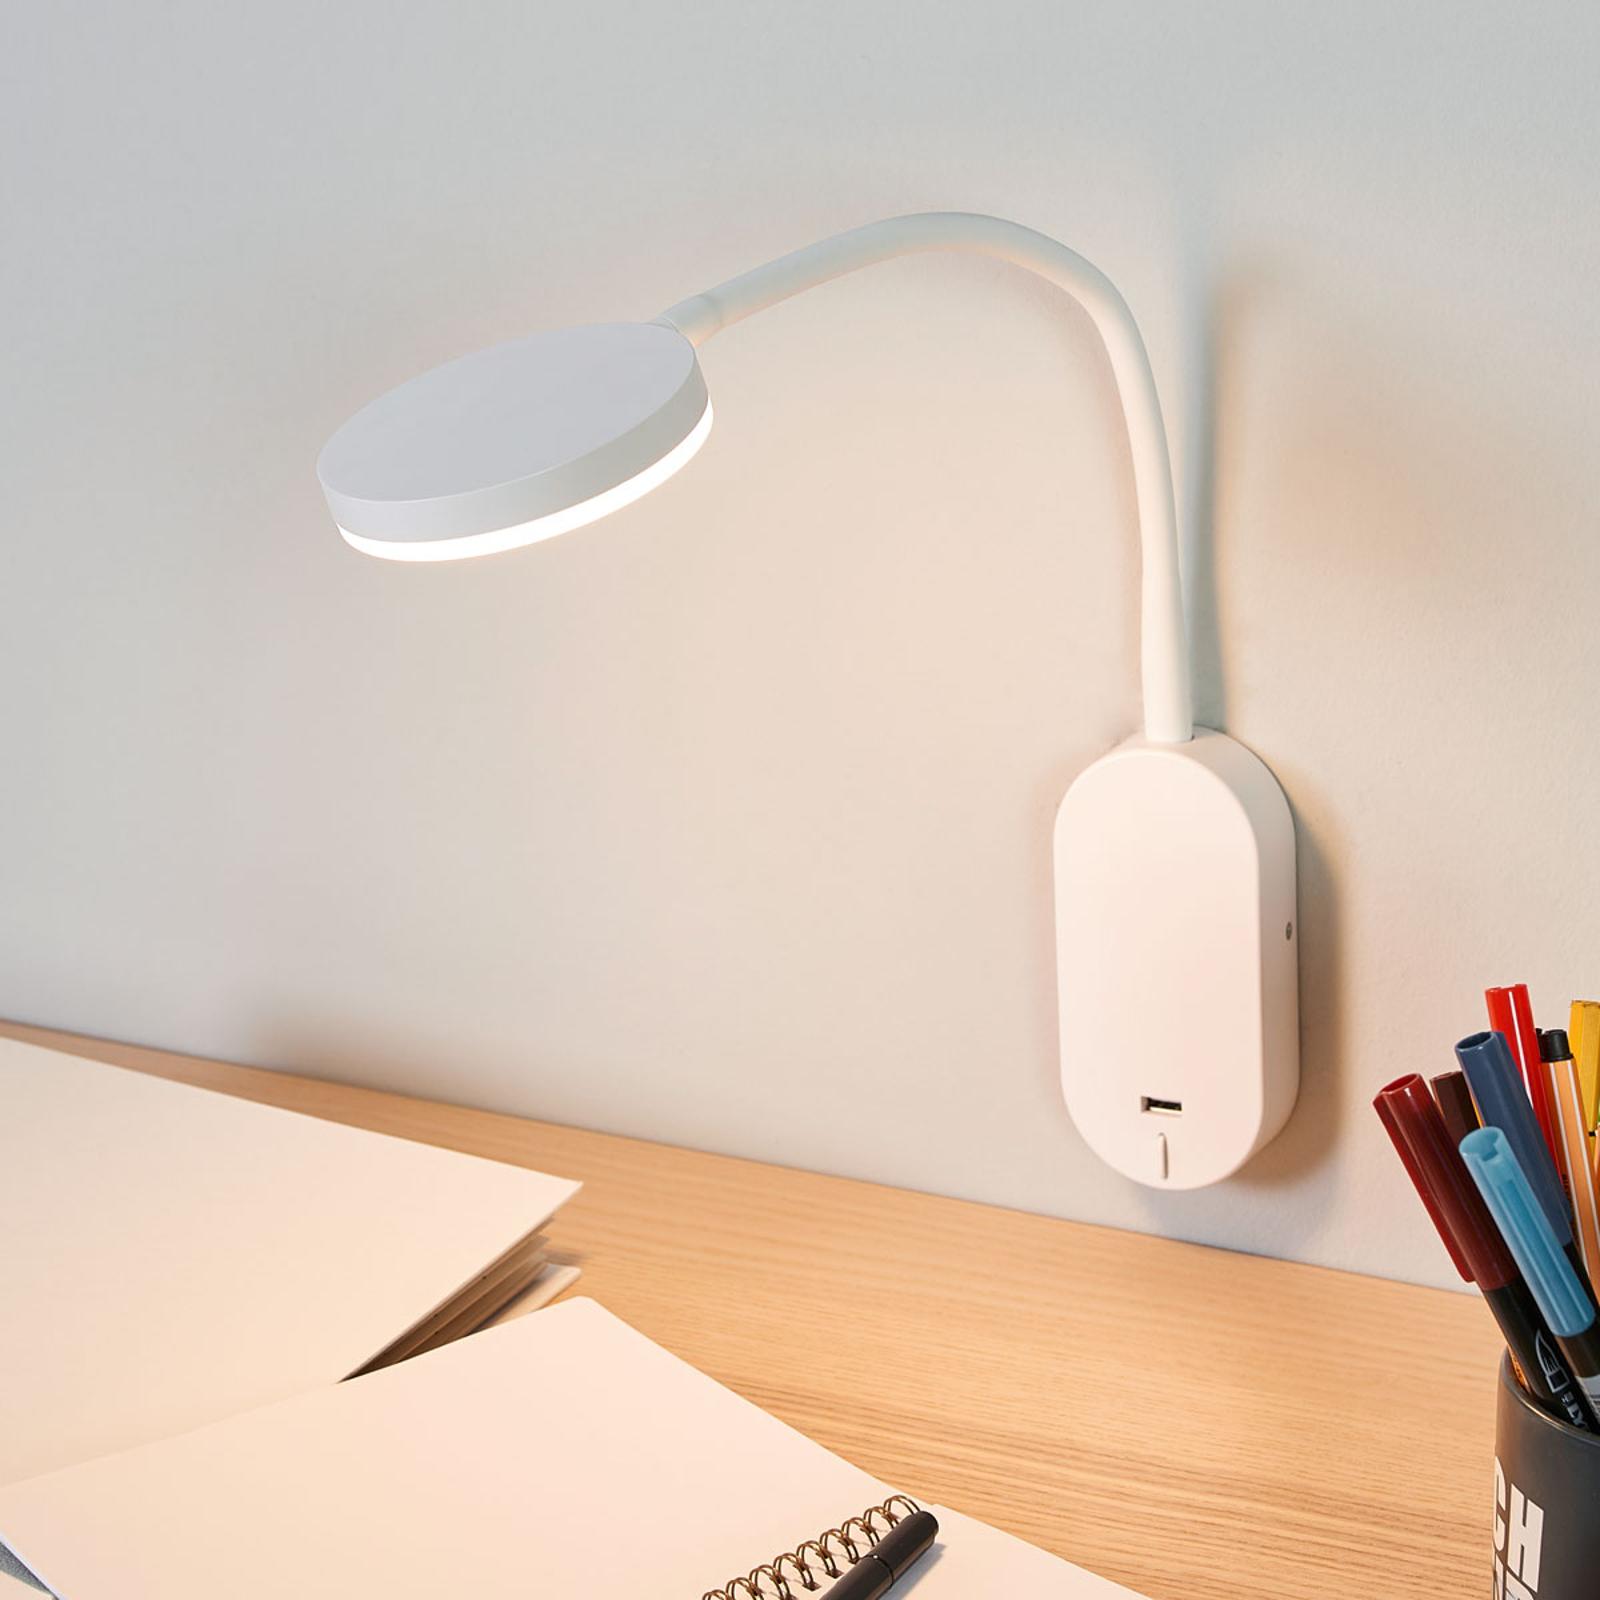 Milow LED-vegglampe med fleksibel arm og USB